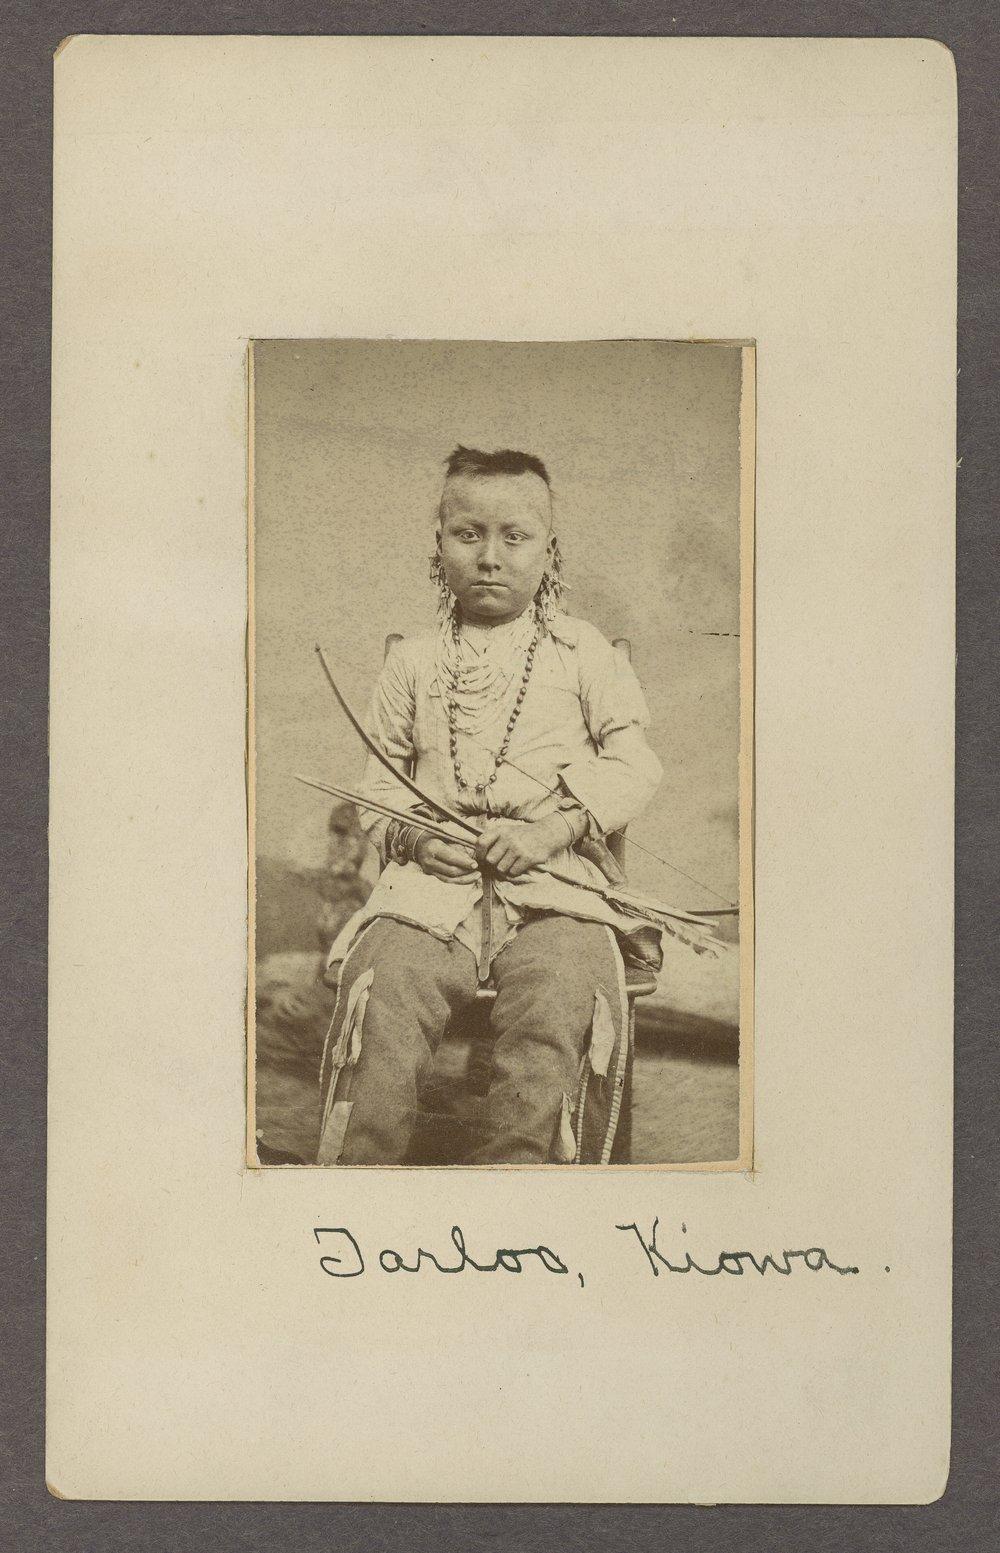 Tar-loo, Kiowa boy, in Indian Territory - 1